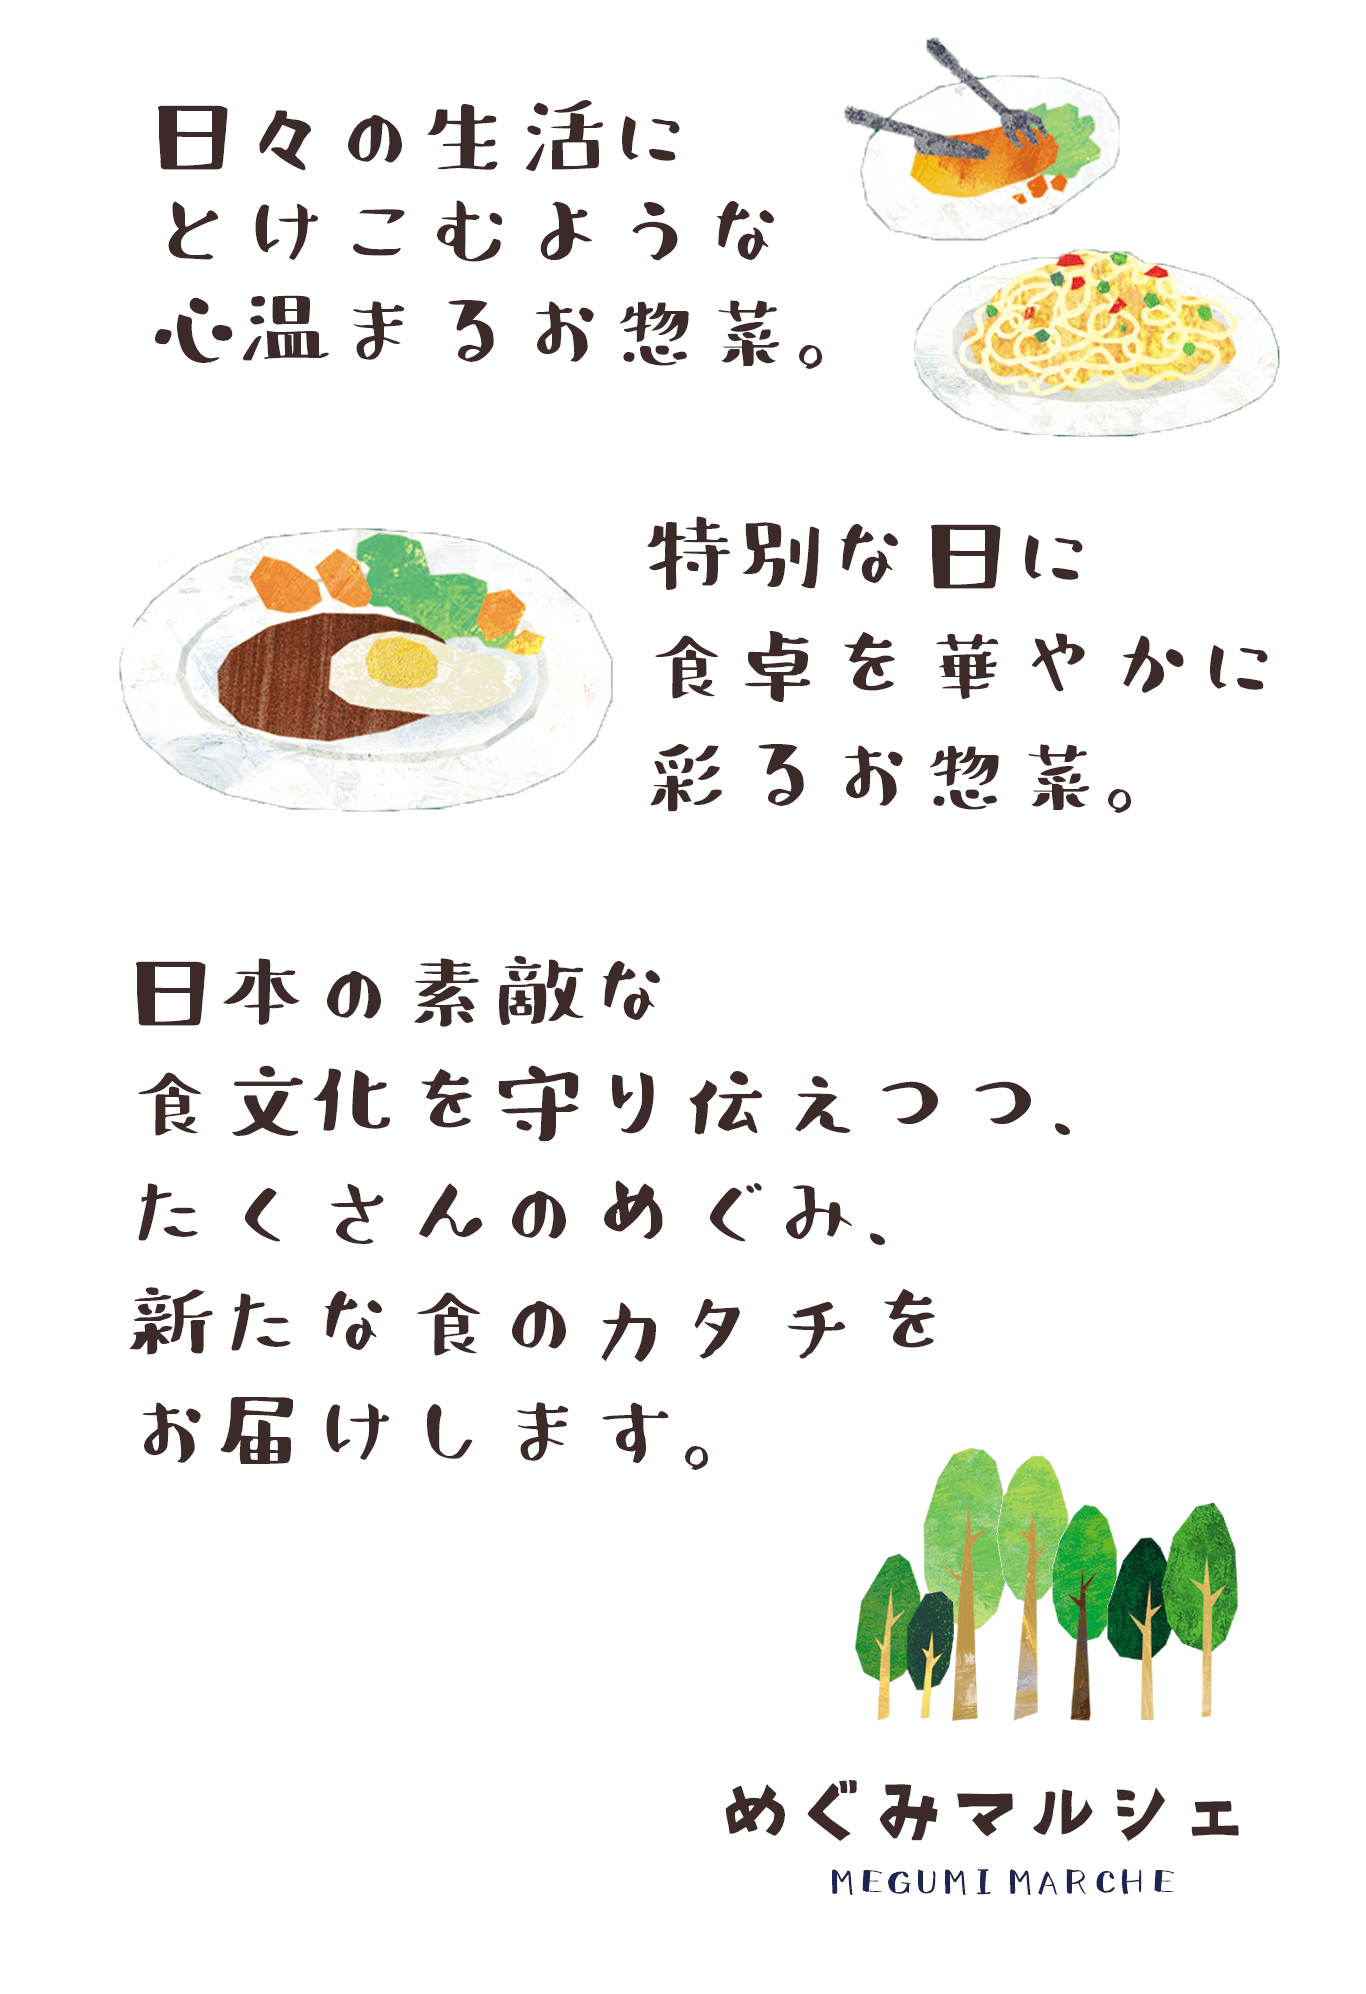 日々の生活にとけこむような心温まるお惣菜 特別な日に食卓を華やかに彩るお惣菜 日本の素敵な食文化を守り伝えつつ、 たくさんのめぐみ、新たな食のカタチをお届けしていきたいと思います。